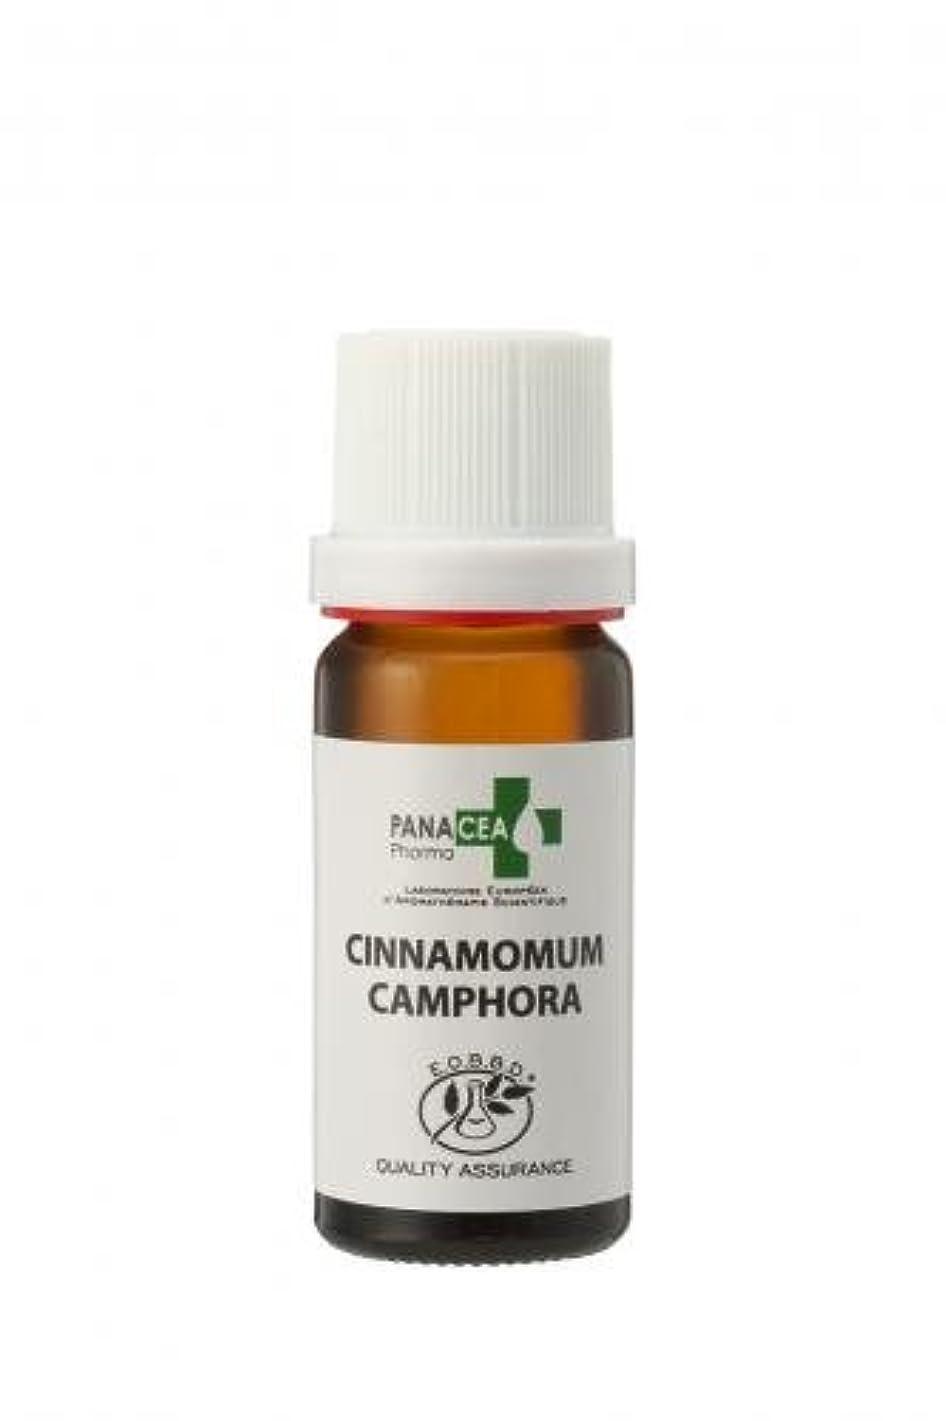 絶えず条約取り組むラヴィンサラ (Cinnamomum camphora) 10ml エッセンシャルオイル PANACEA PHARMA パナセア ファルマ